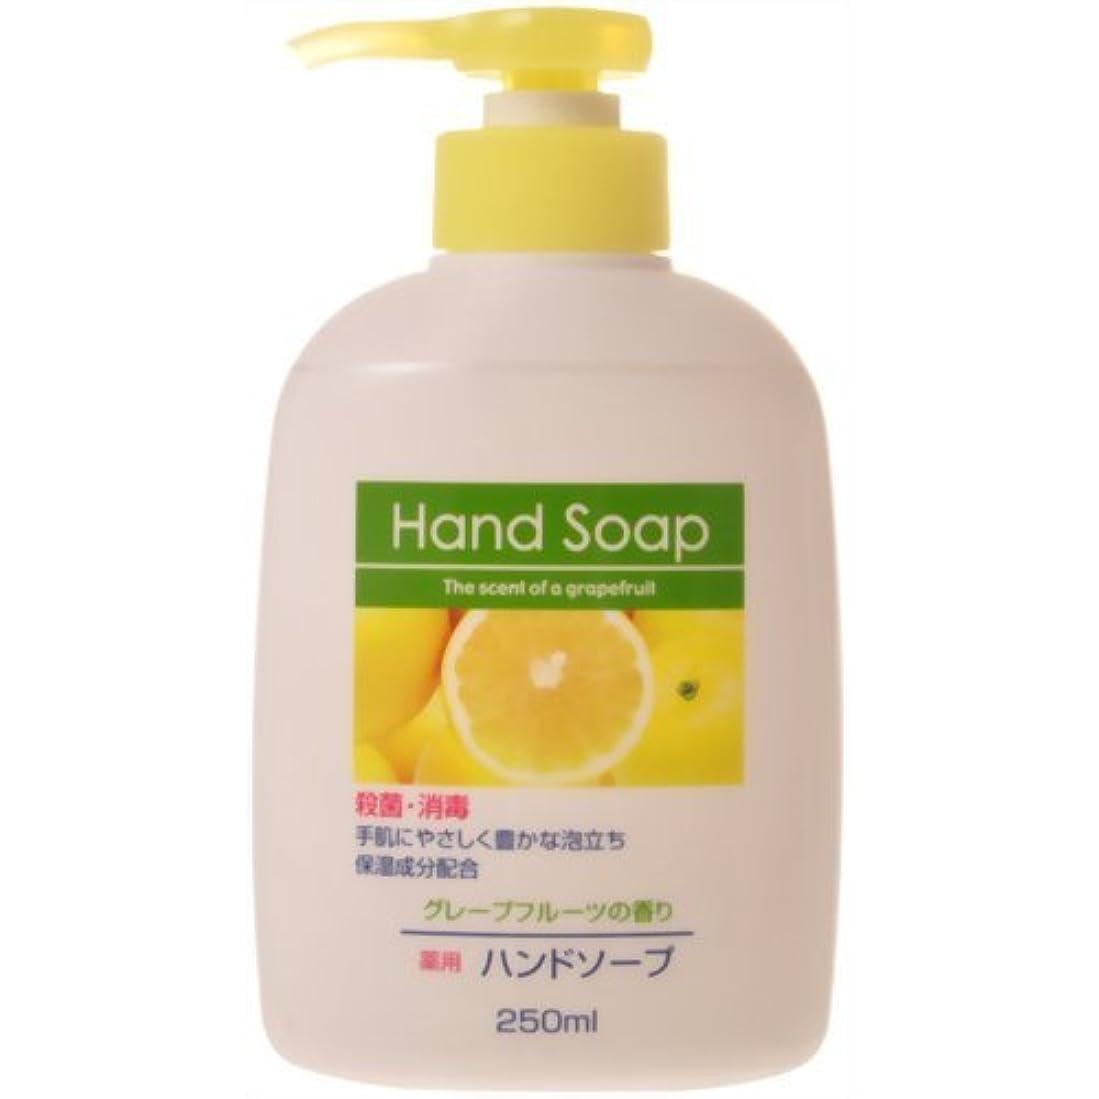 薬用ハンドソープ グレープフルーツの香り 本体 250ml 【まとめ買い240個セット】